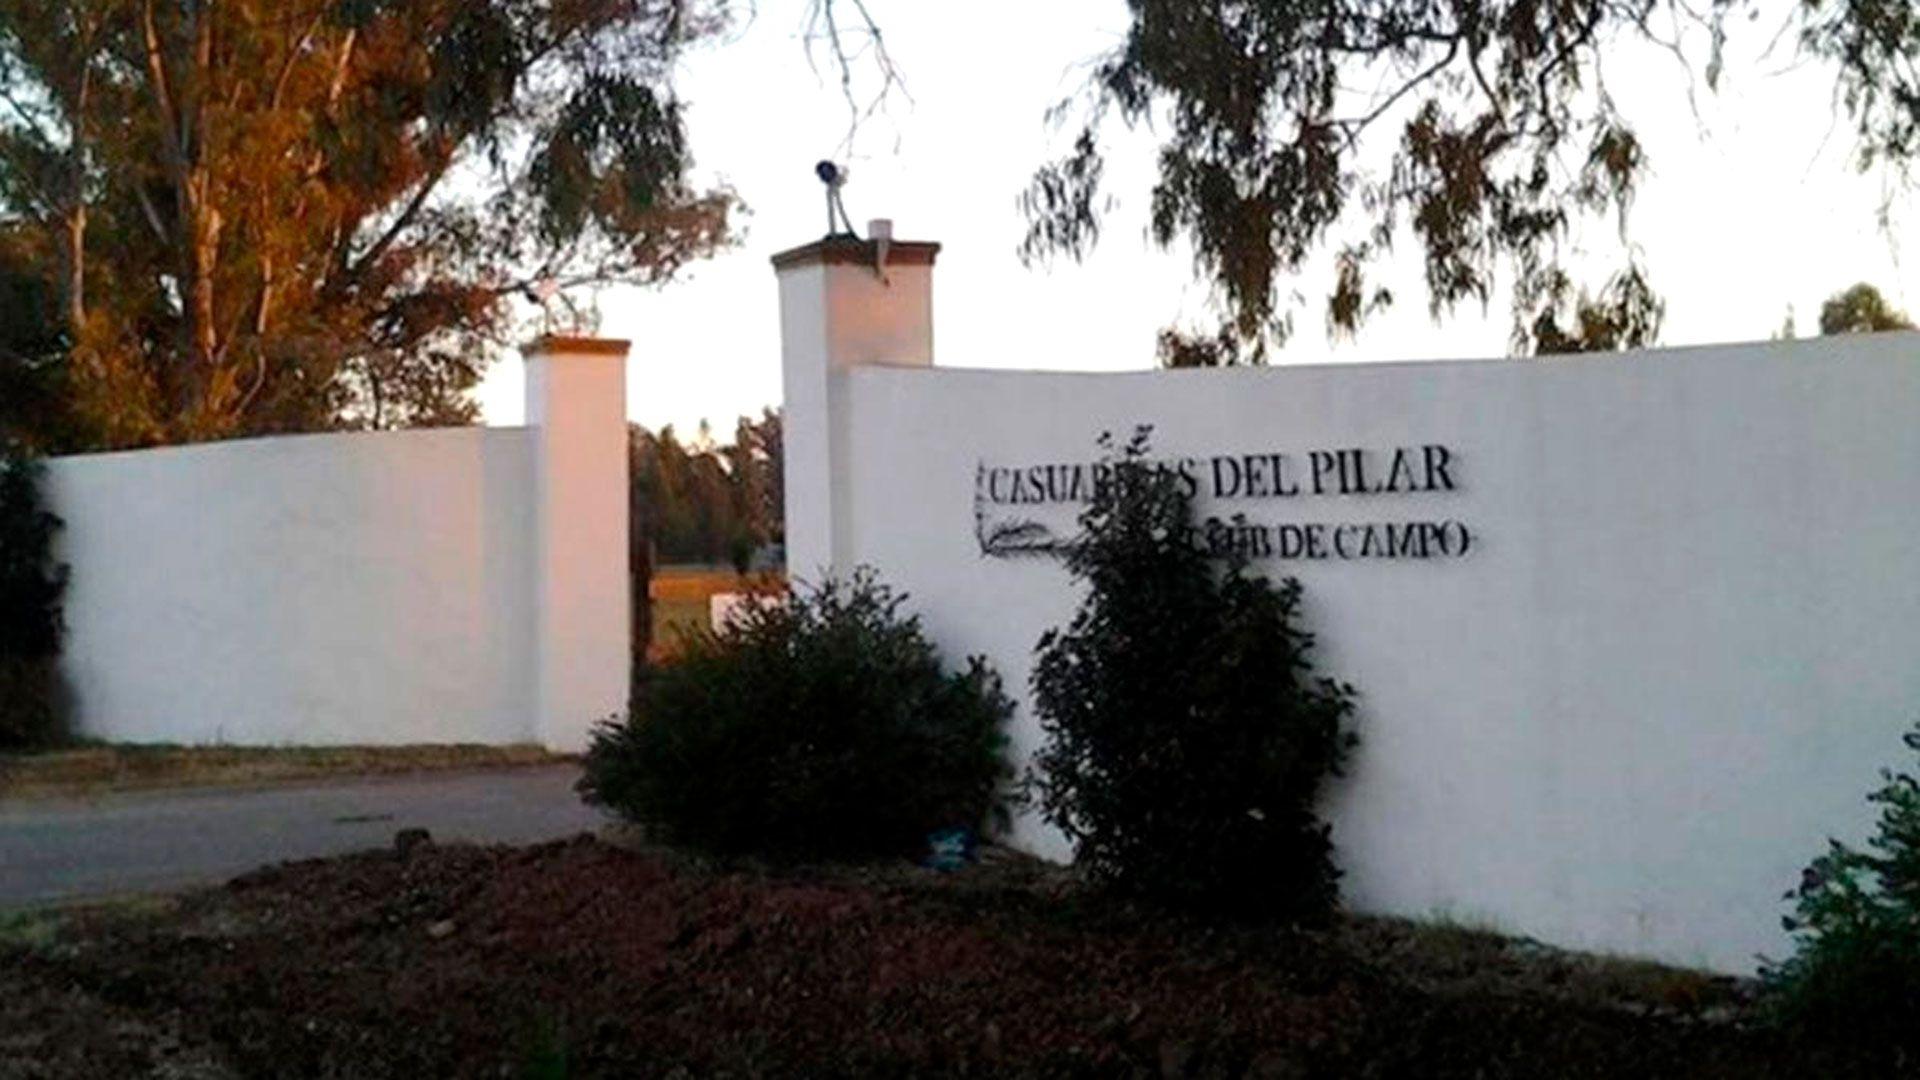 Casuarinas-del-Pilar